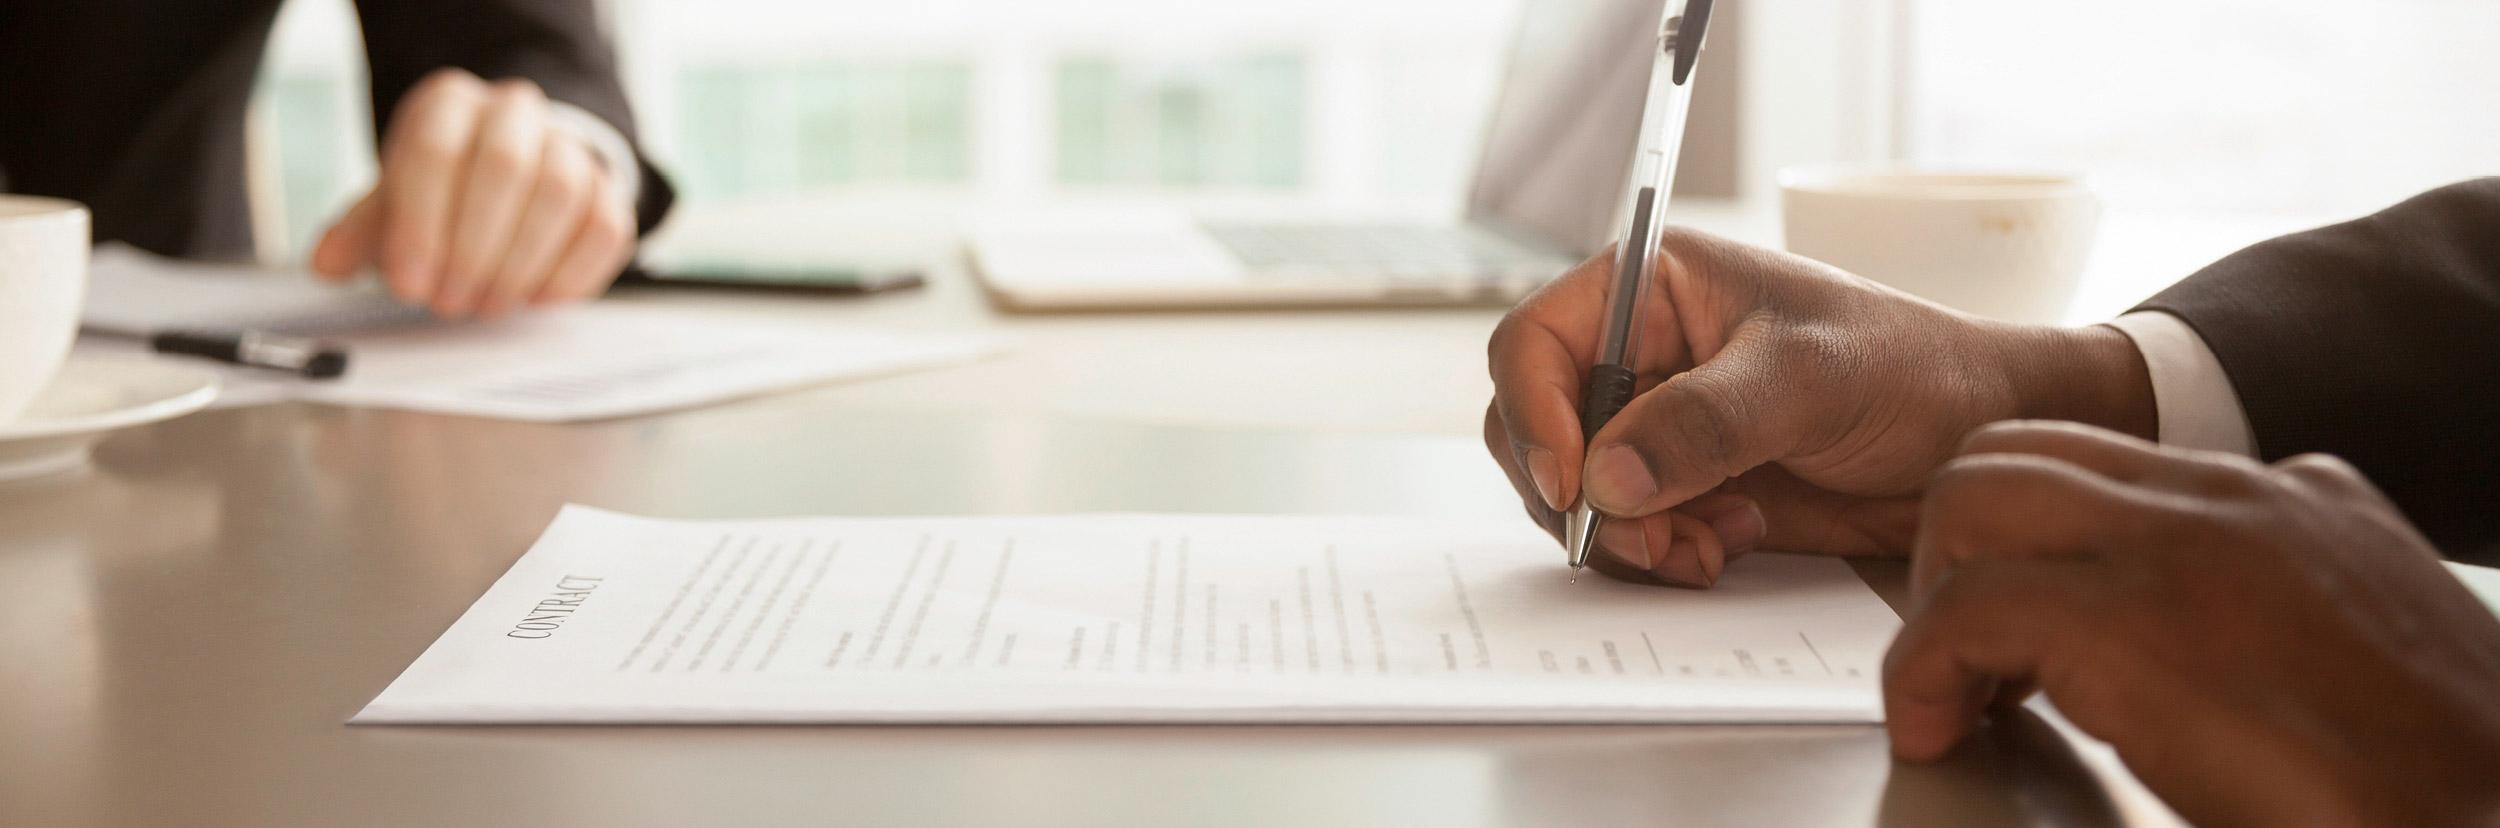 Advoteam-Rechtsanwaltskanzlei-Rechtsgebiet-Vertragsrecht